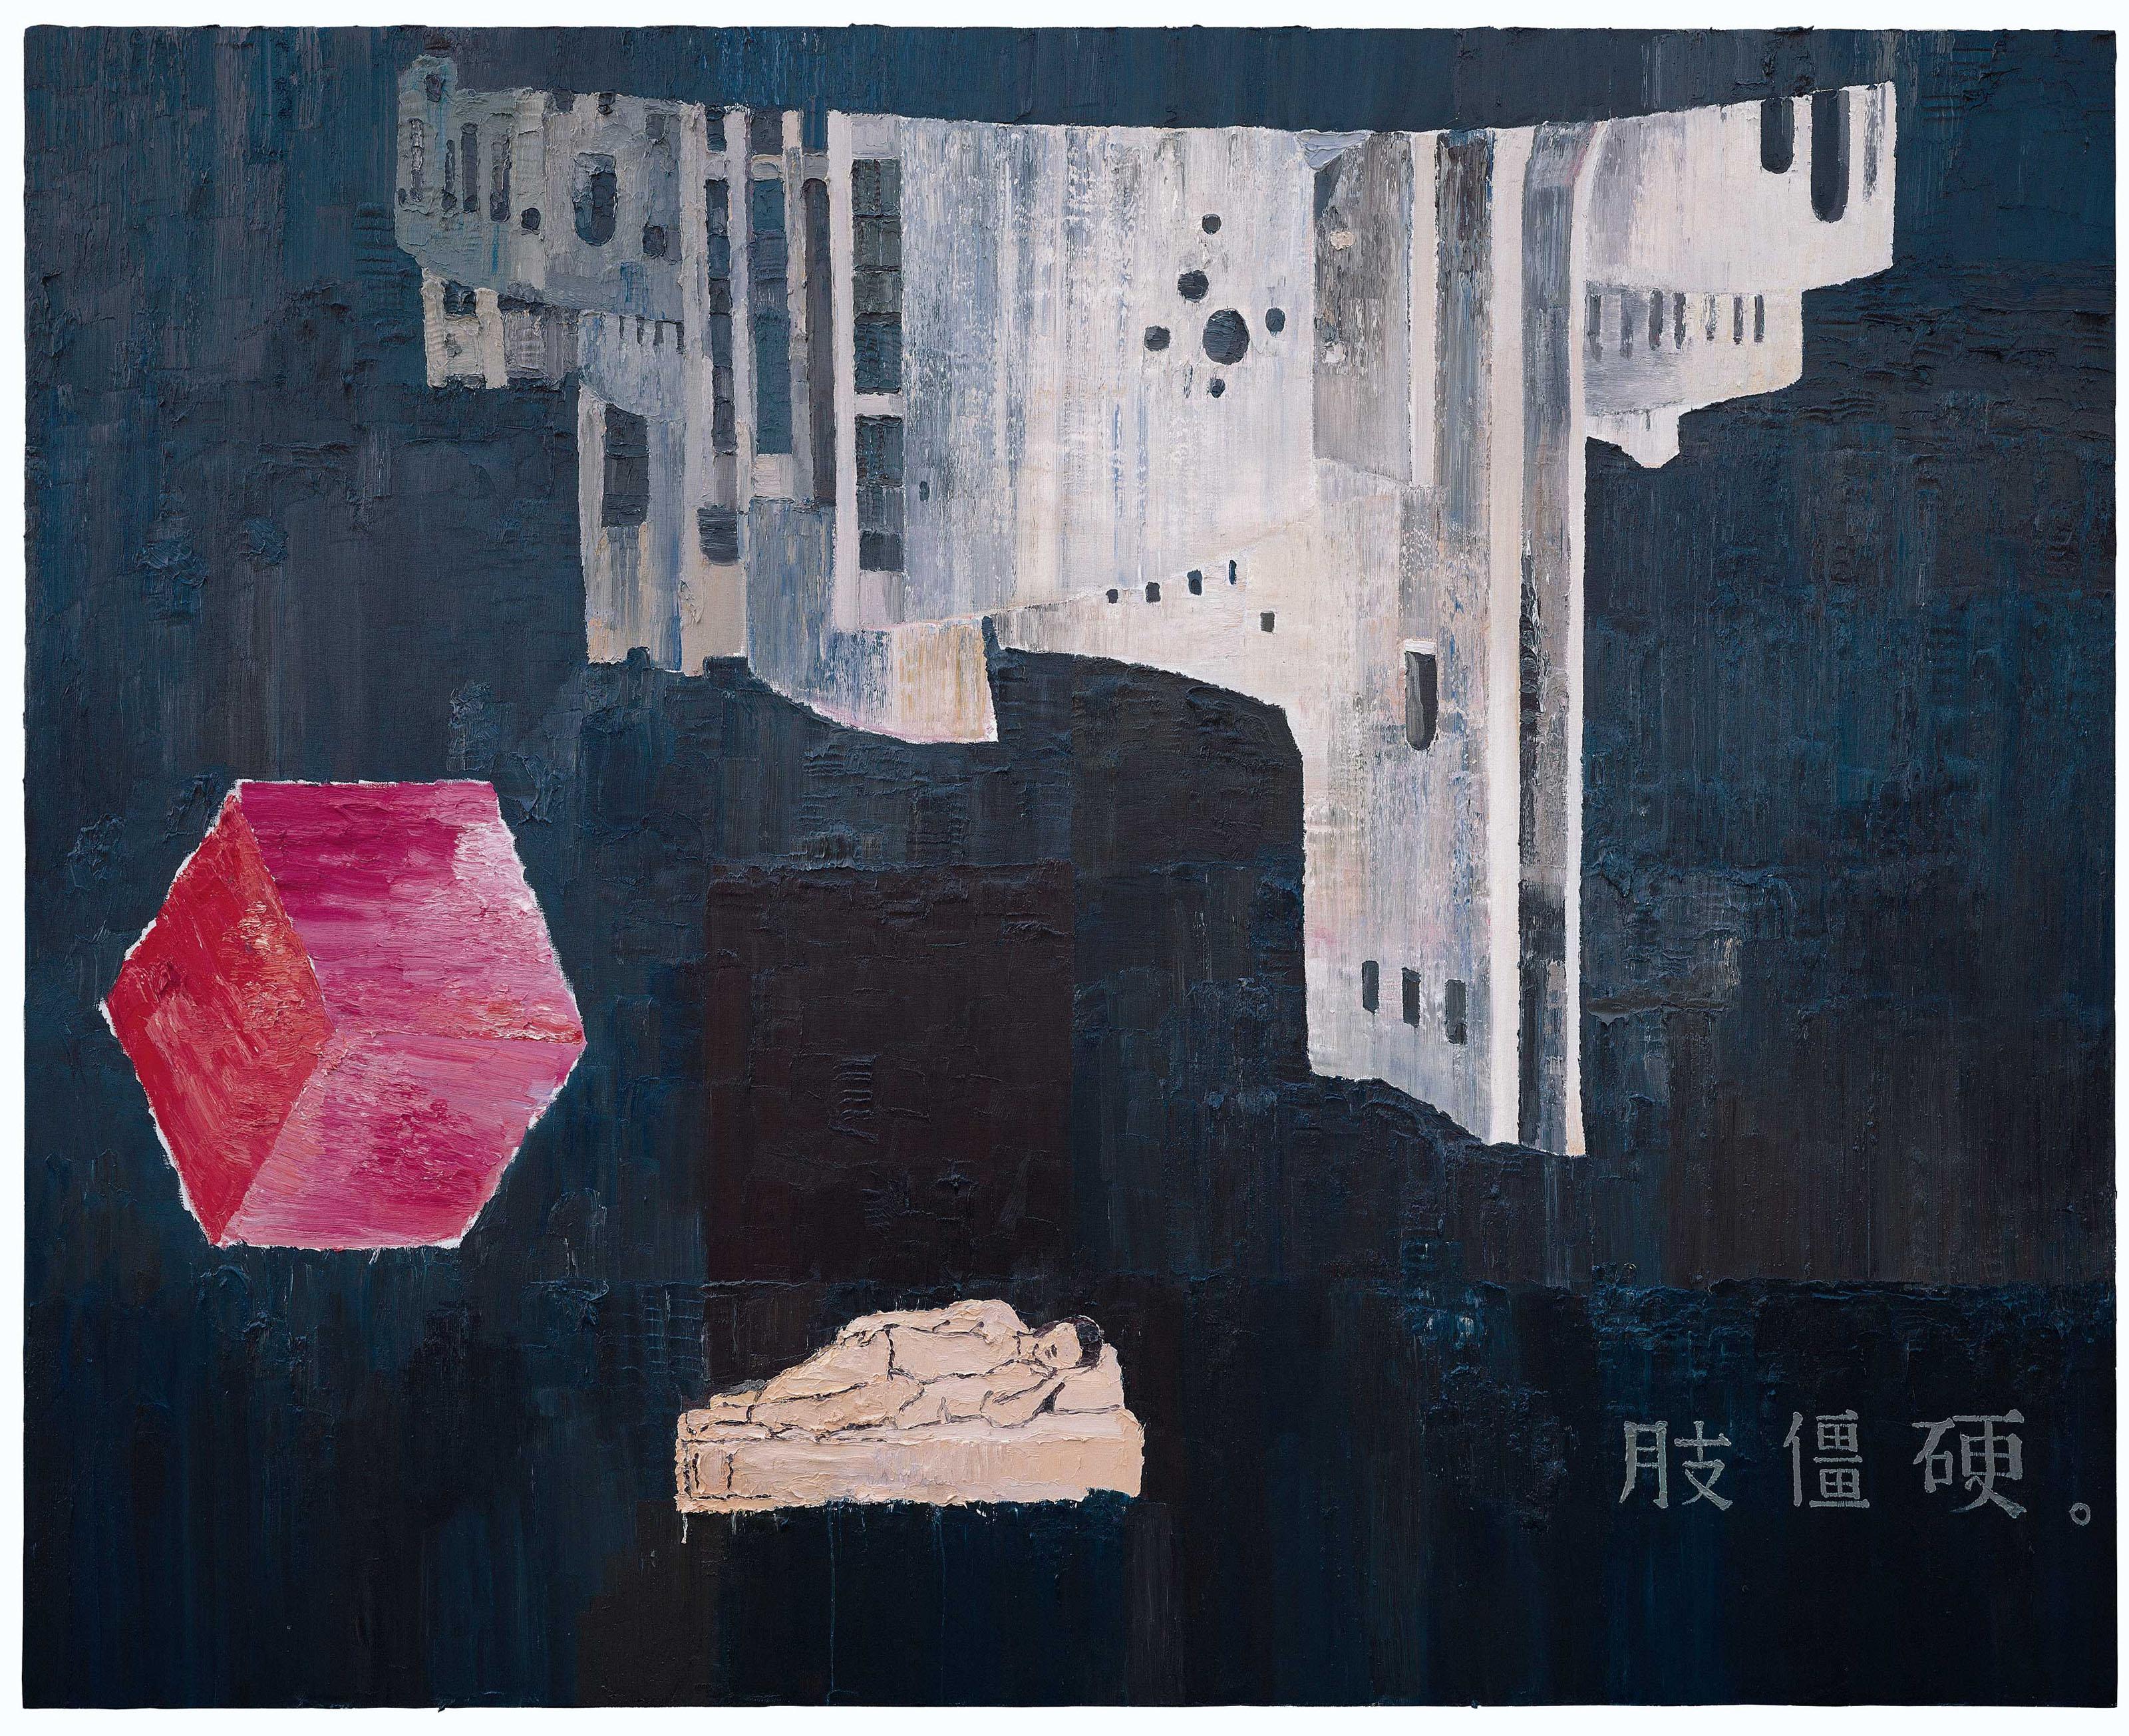 QIU XIAOFEI  (CHINESE, B. 1977